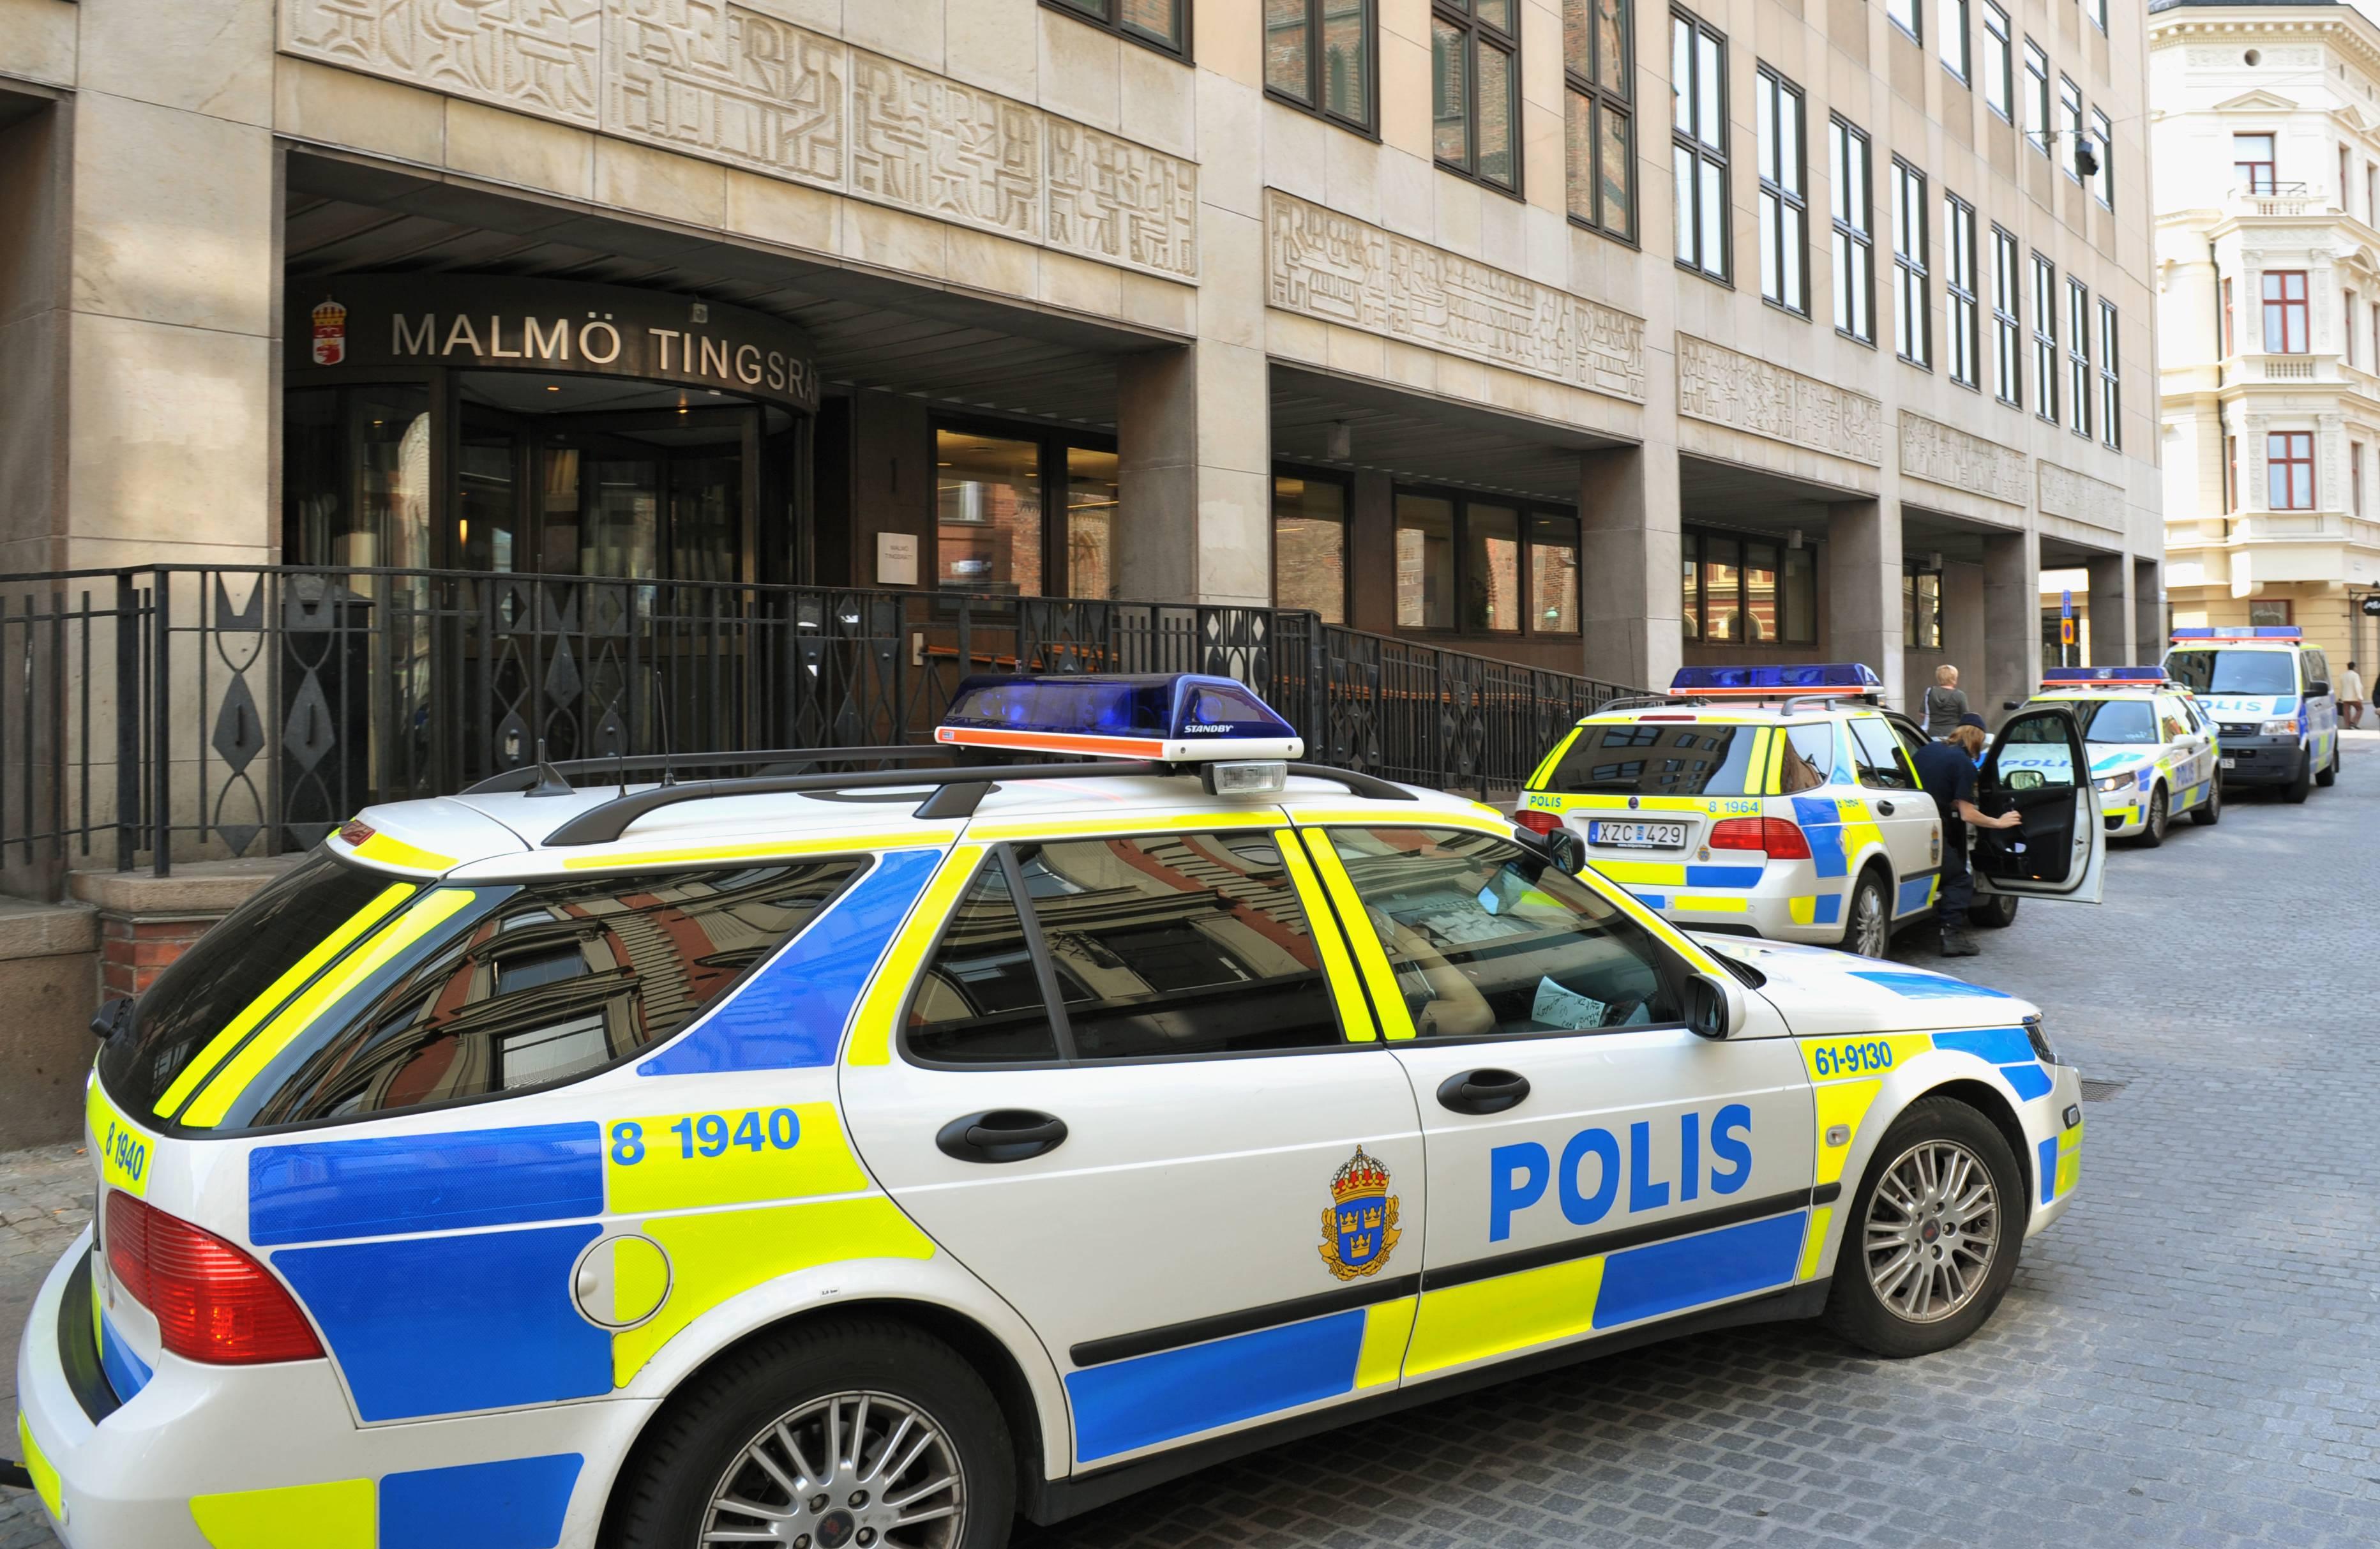 Mff supportrar angreps av polisen